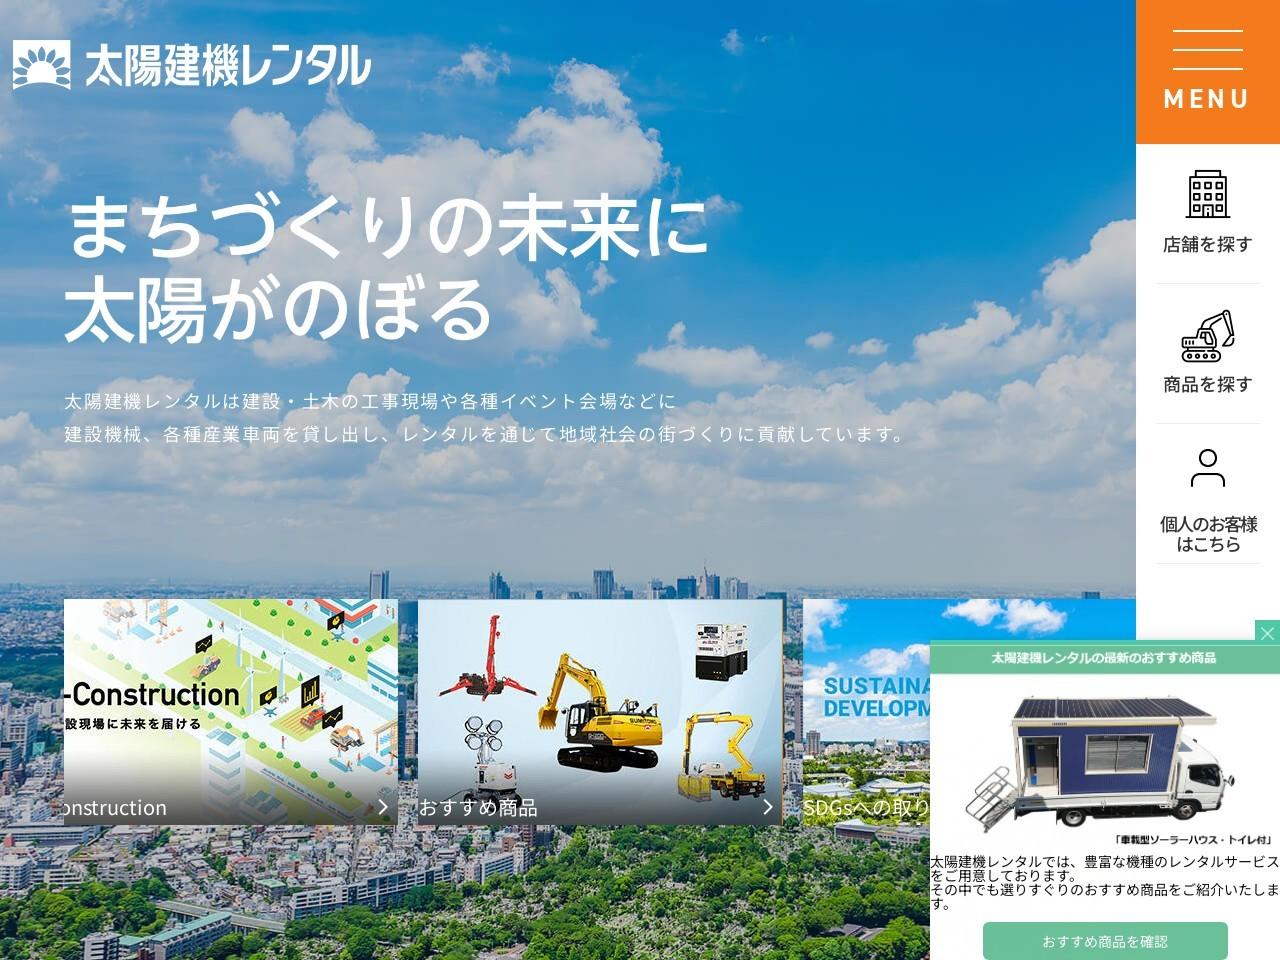 太陽建機レンタル株式会社裾野支店